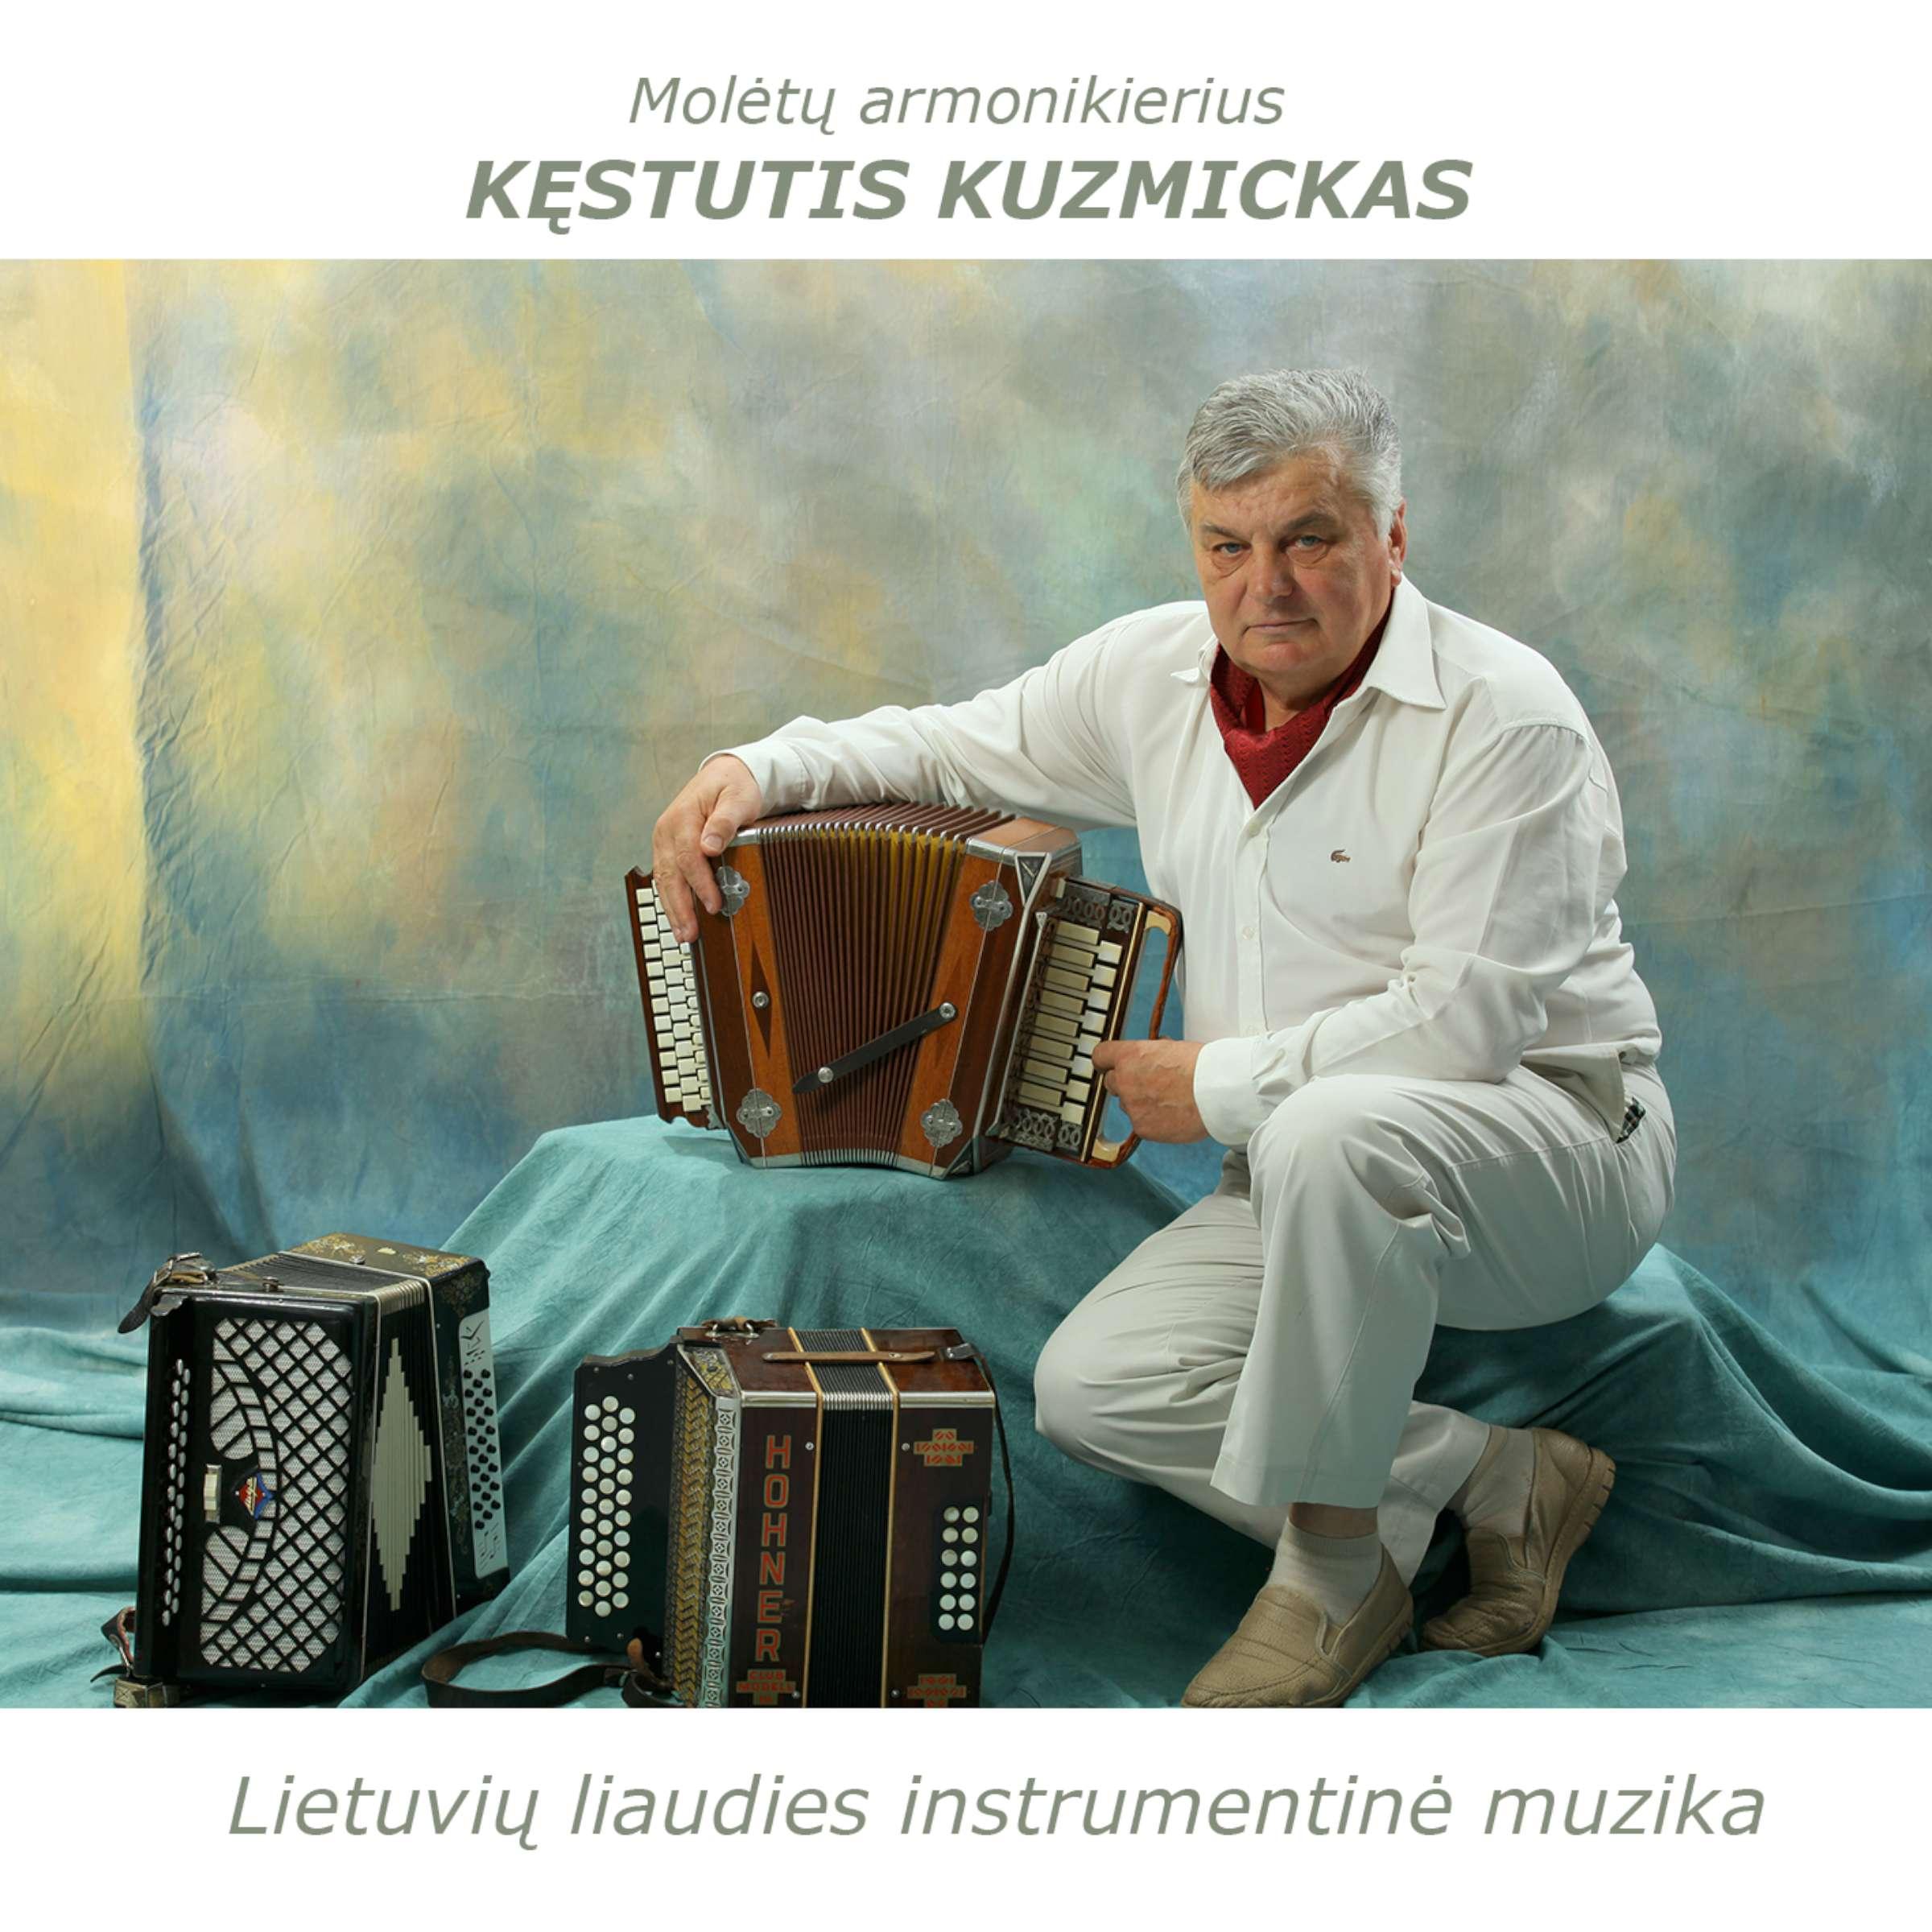 K_Kuzmickas-2400